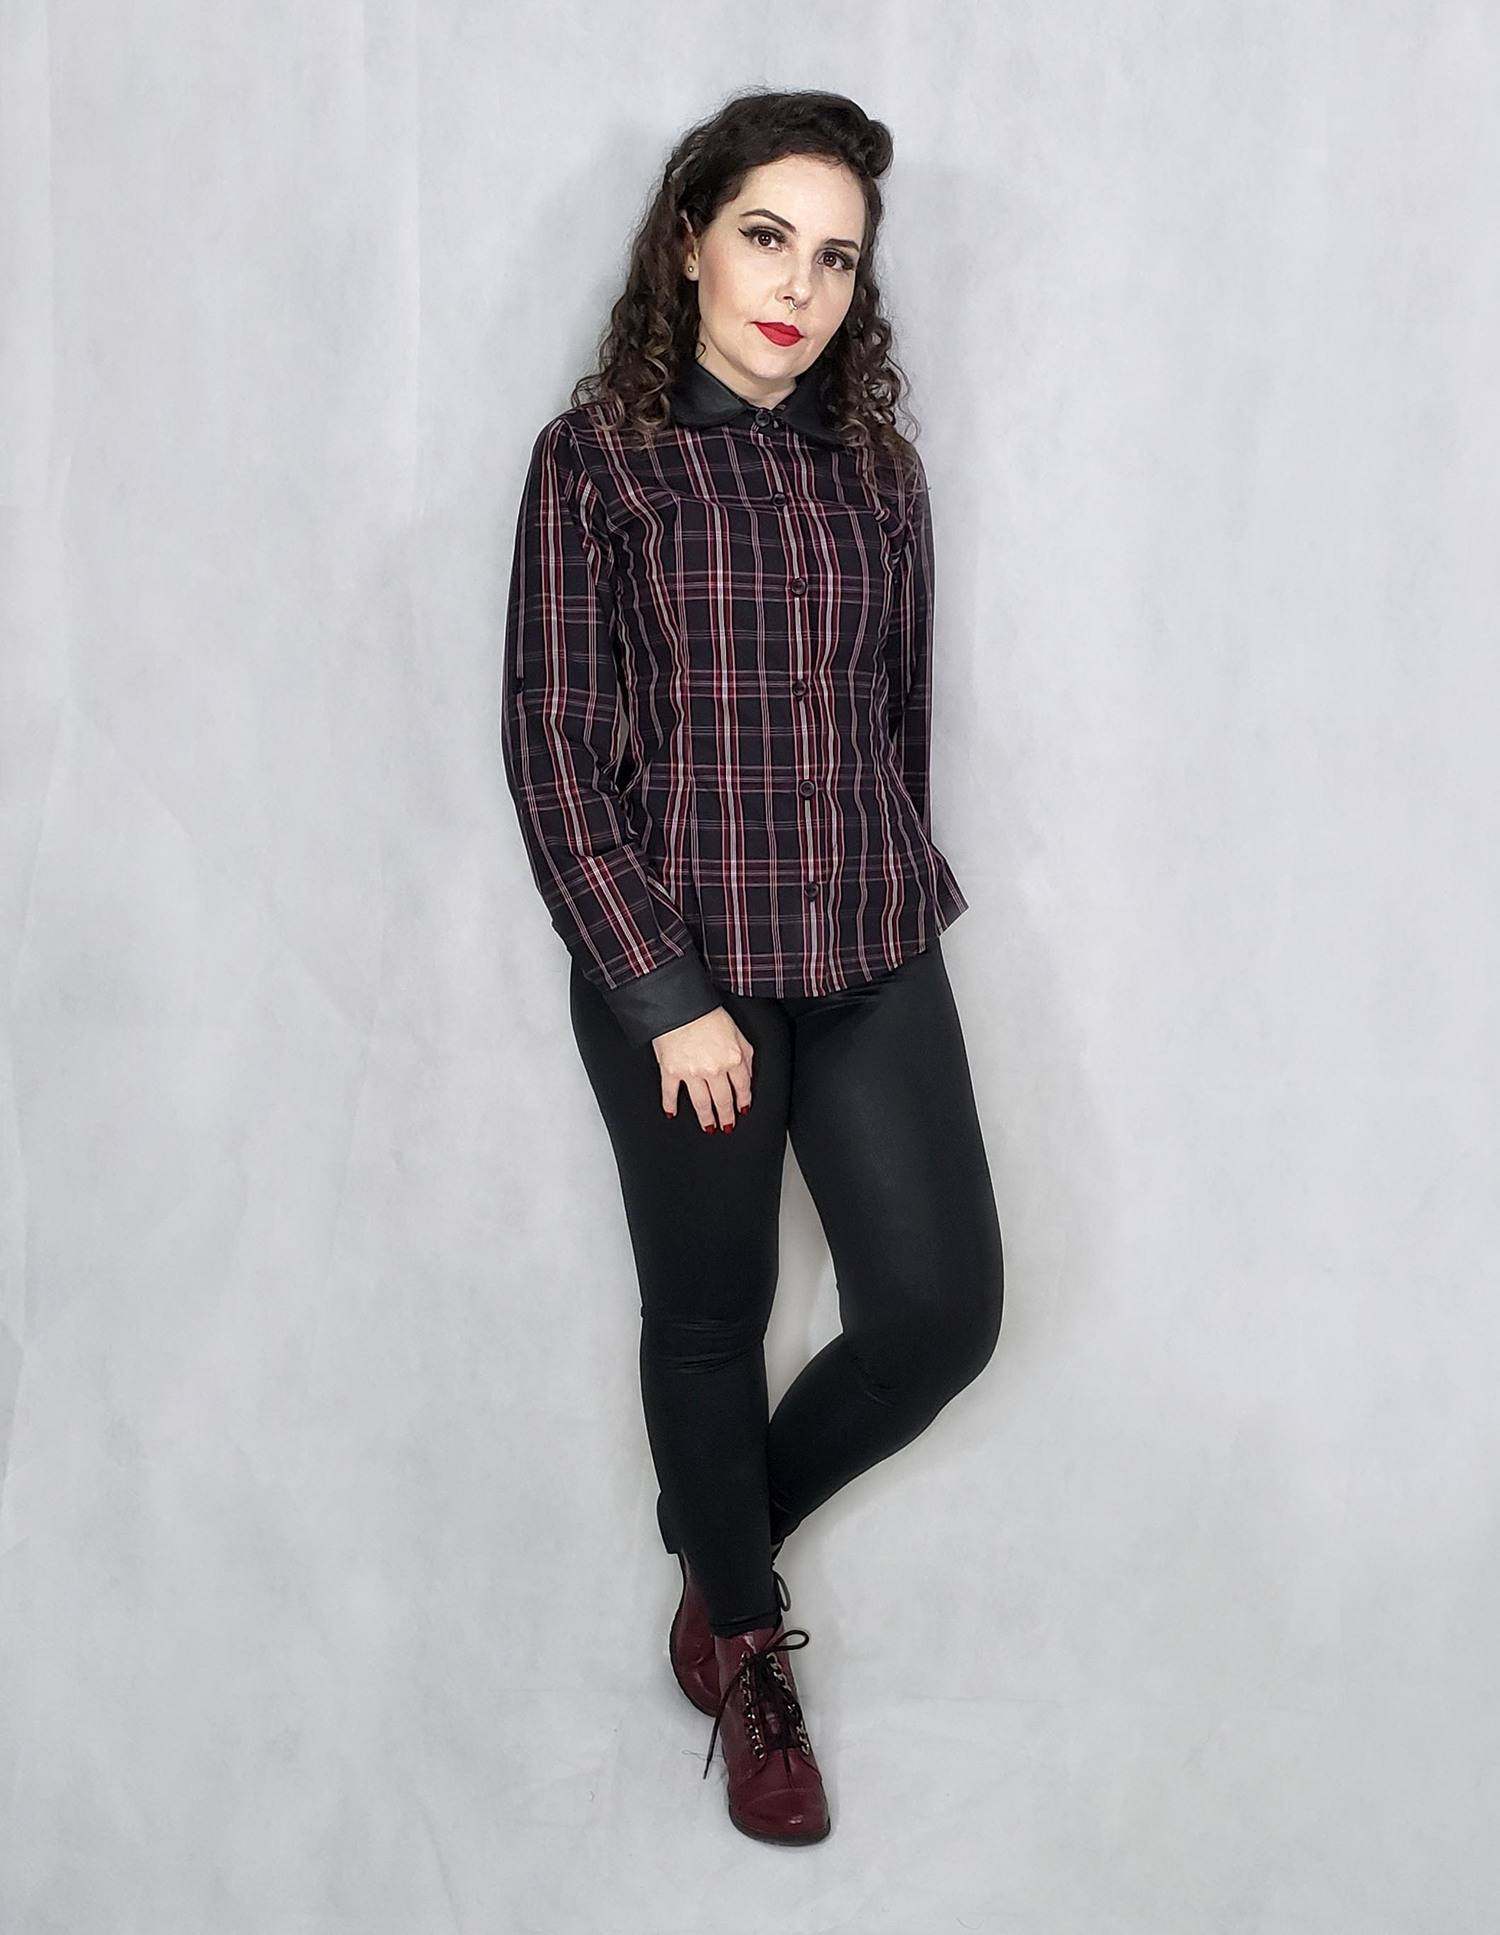 Camisa - Black Chess